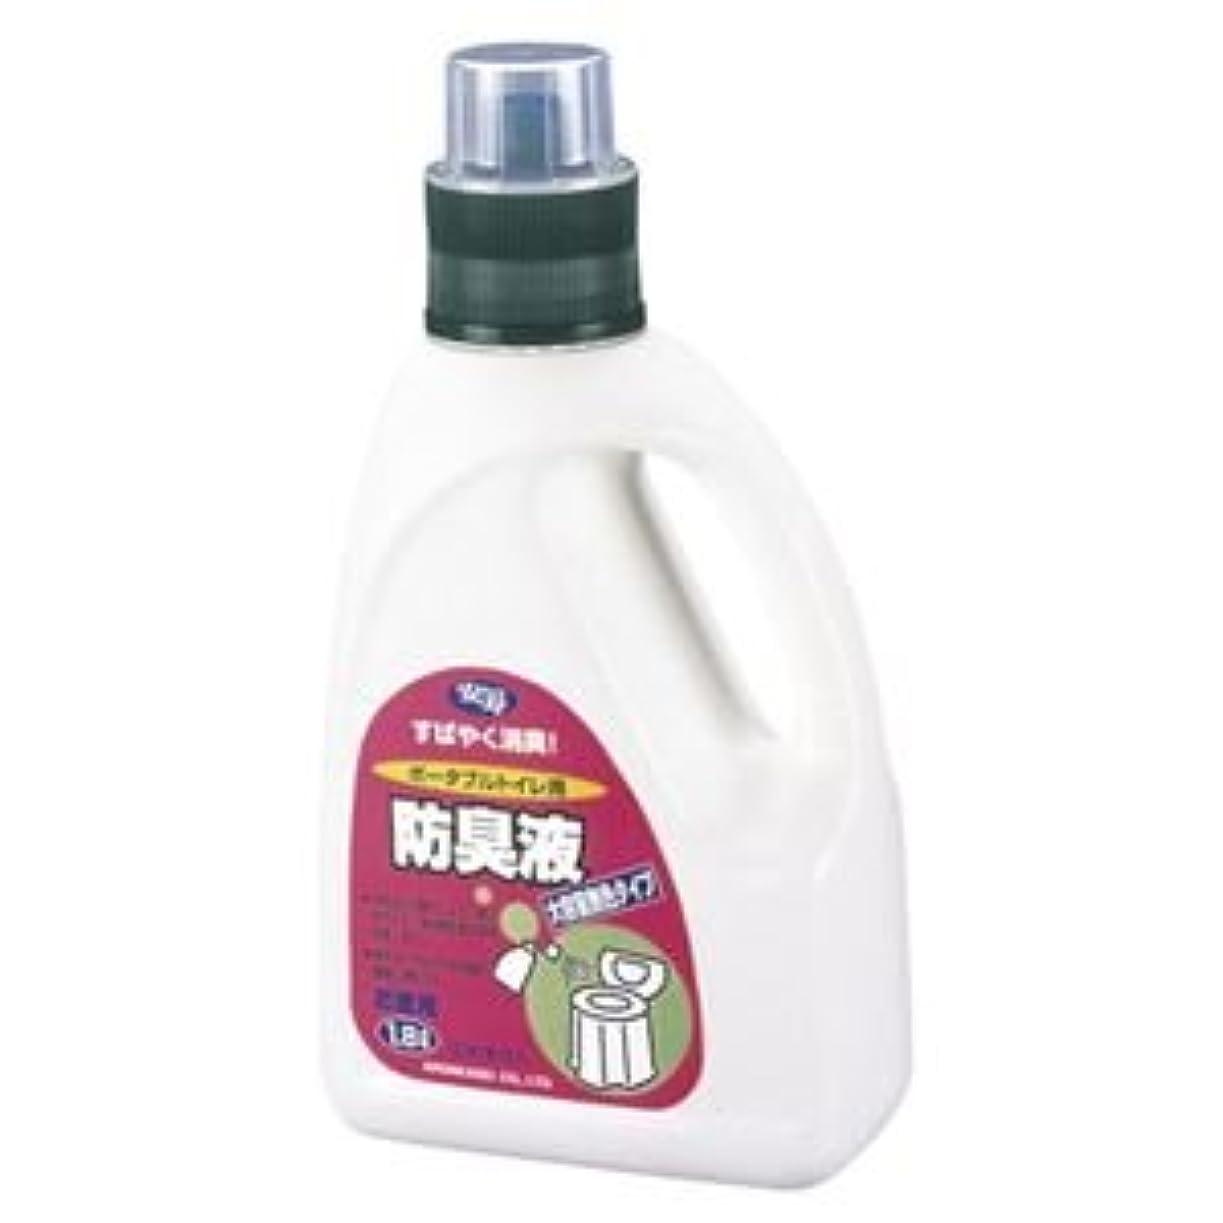 引き潮価値叫び声アロン化成 ポータブルトイレ用防臭液 大容量無色 ds-1915713